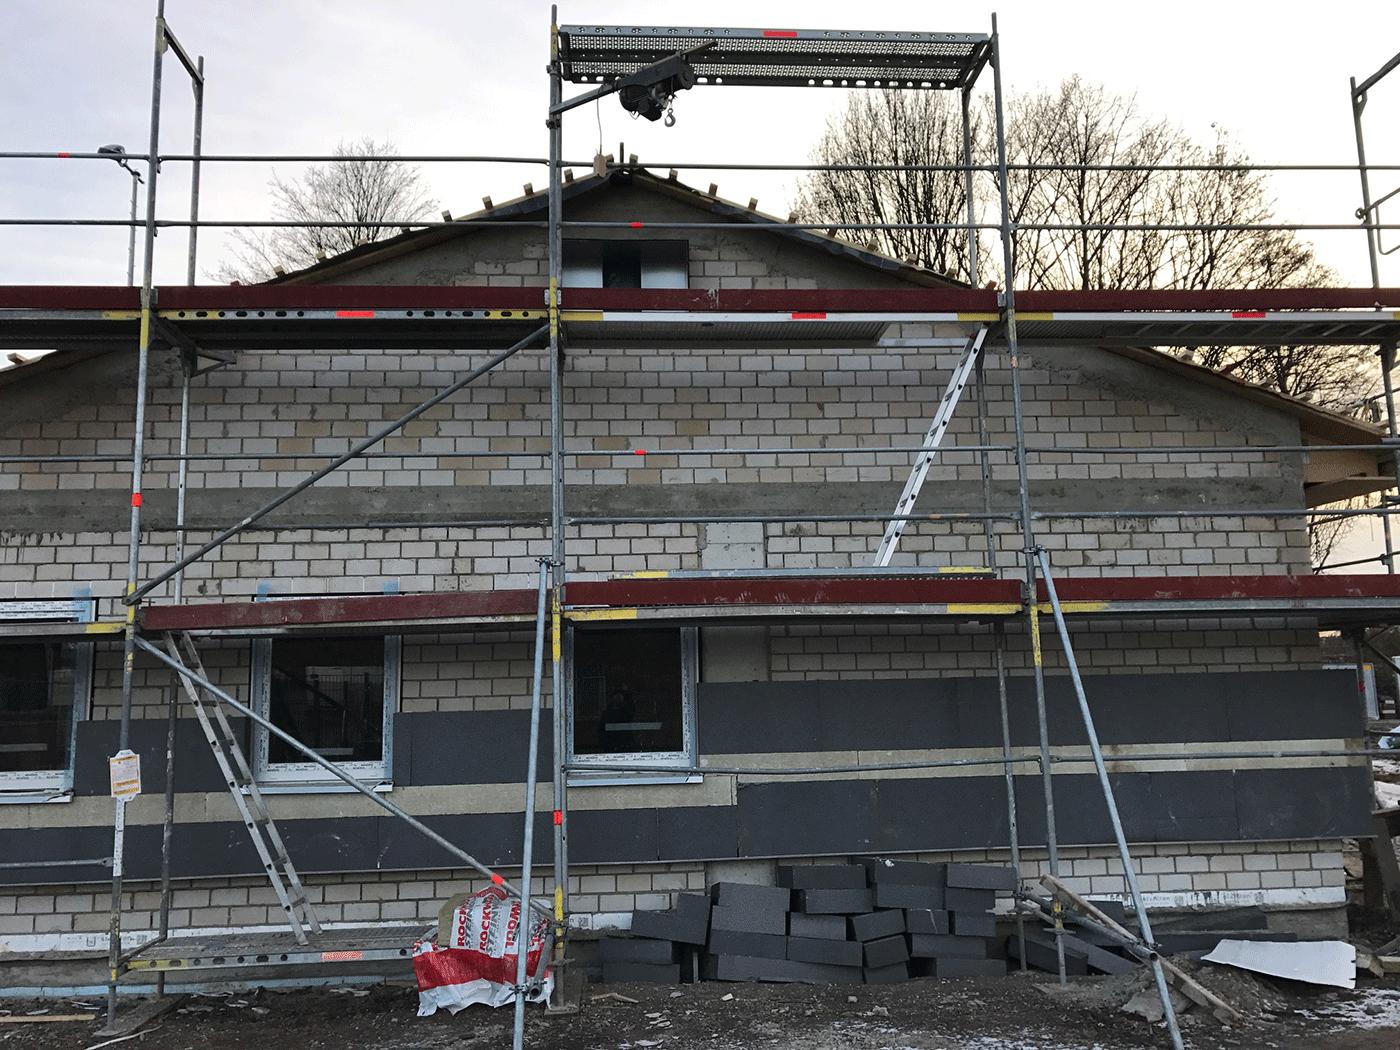 Vereinshaus für Fußballverein mit Umkleiden und Duschen.